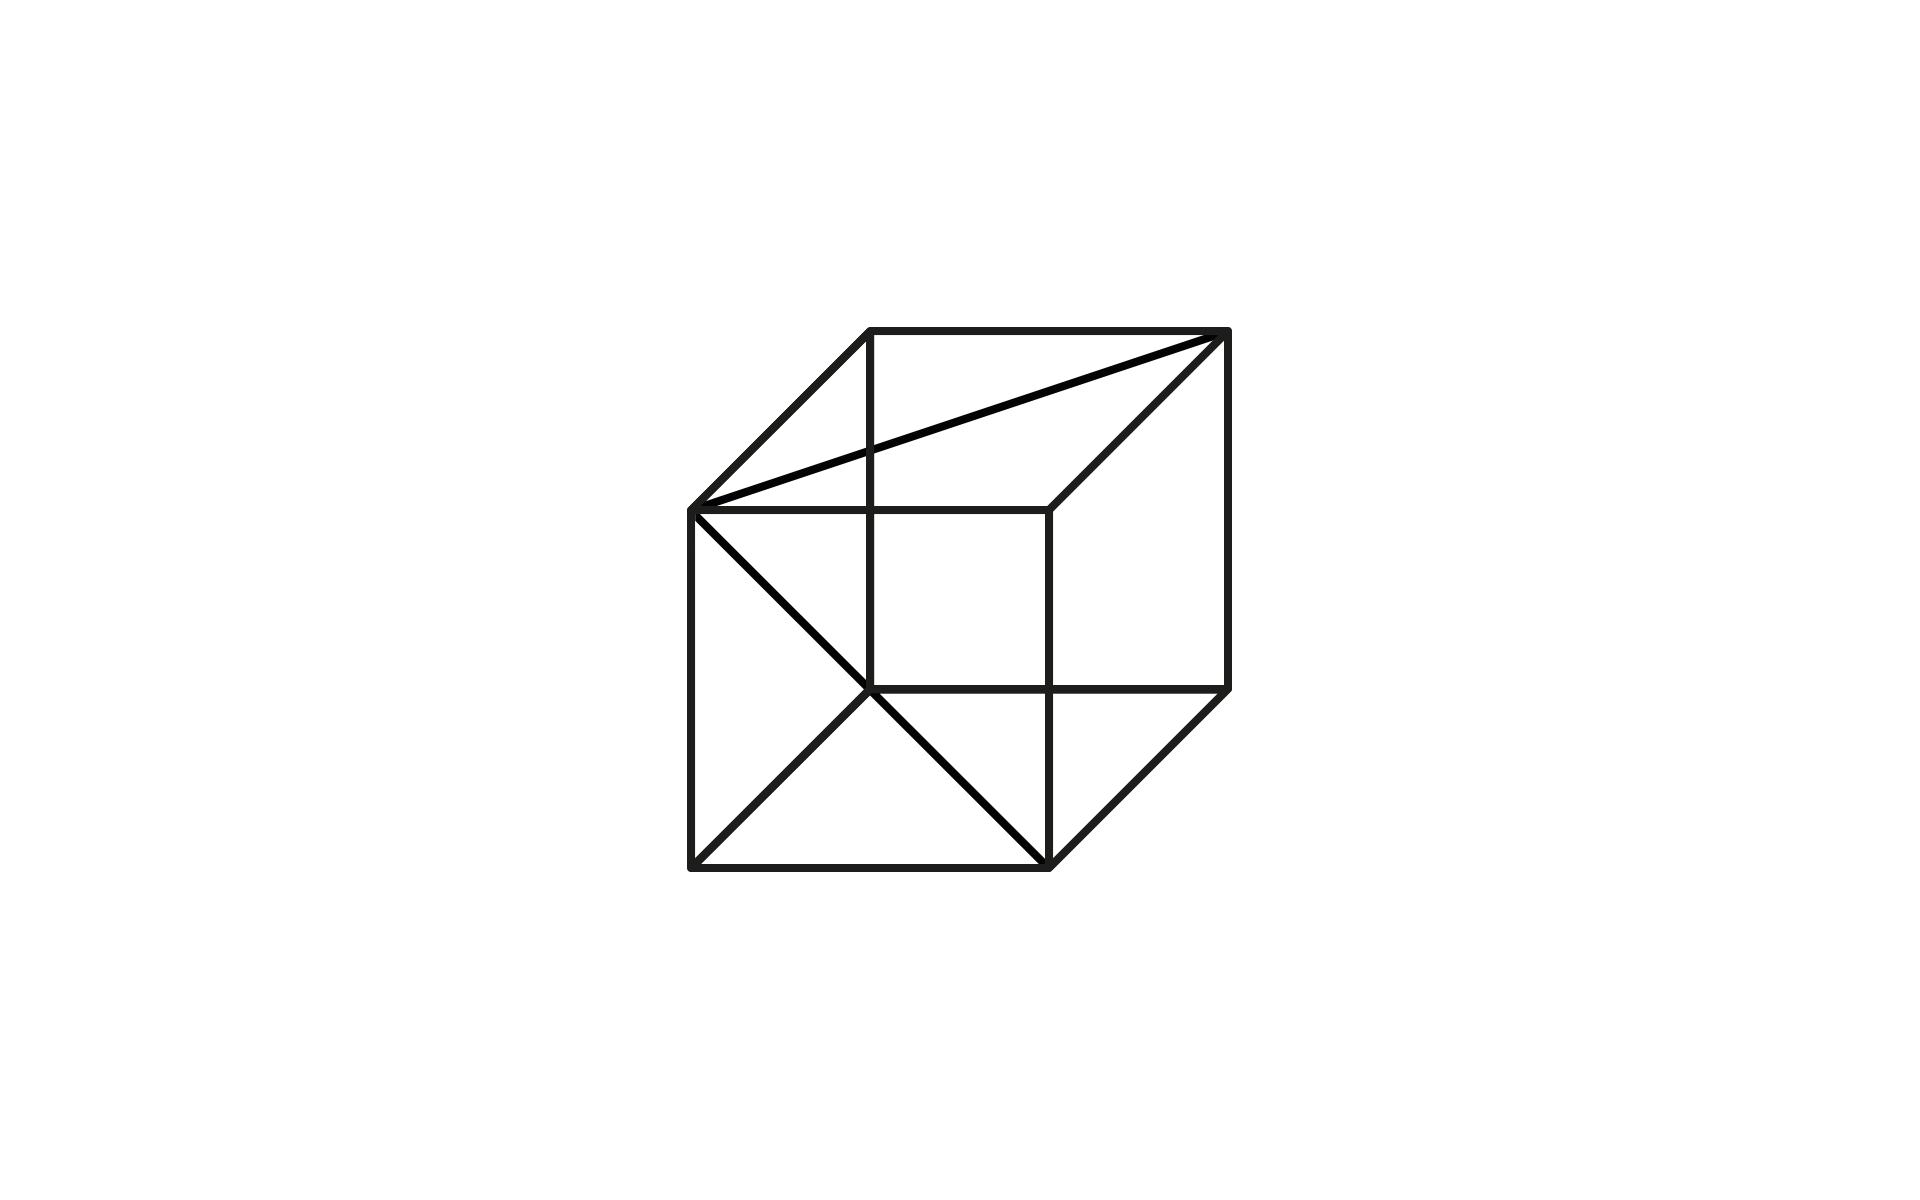 180828_Hackerkiste-Logoentwicklung_02-4